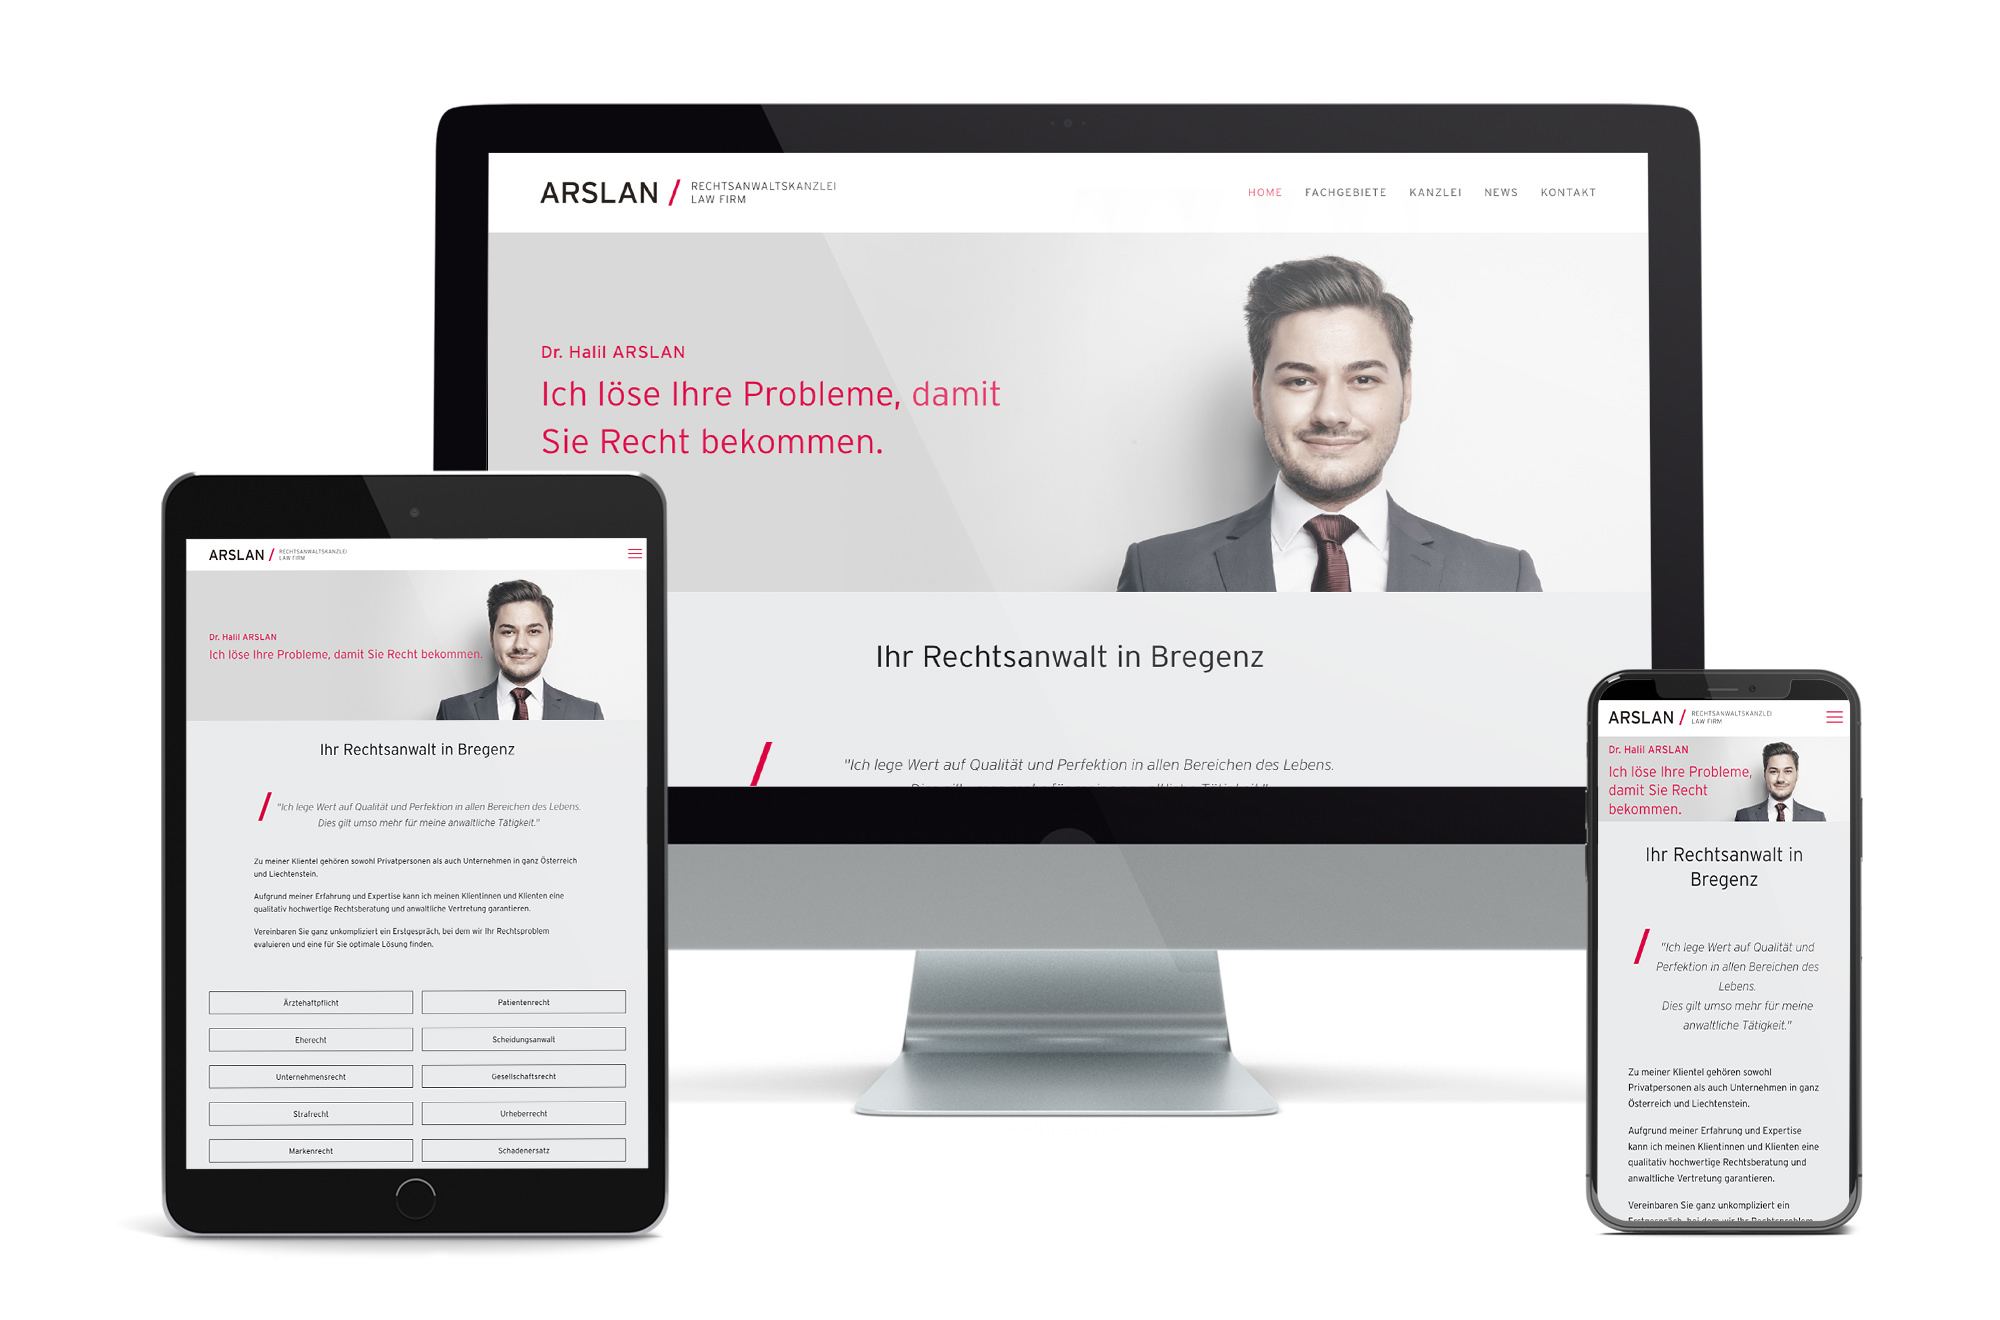 Webdesign Beispiel: Neue Website für Anwalt - Anwaltskanzlei